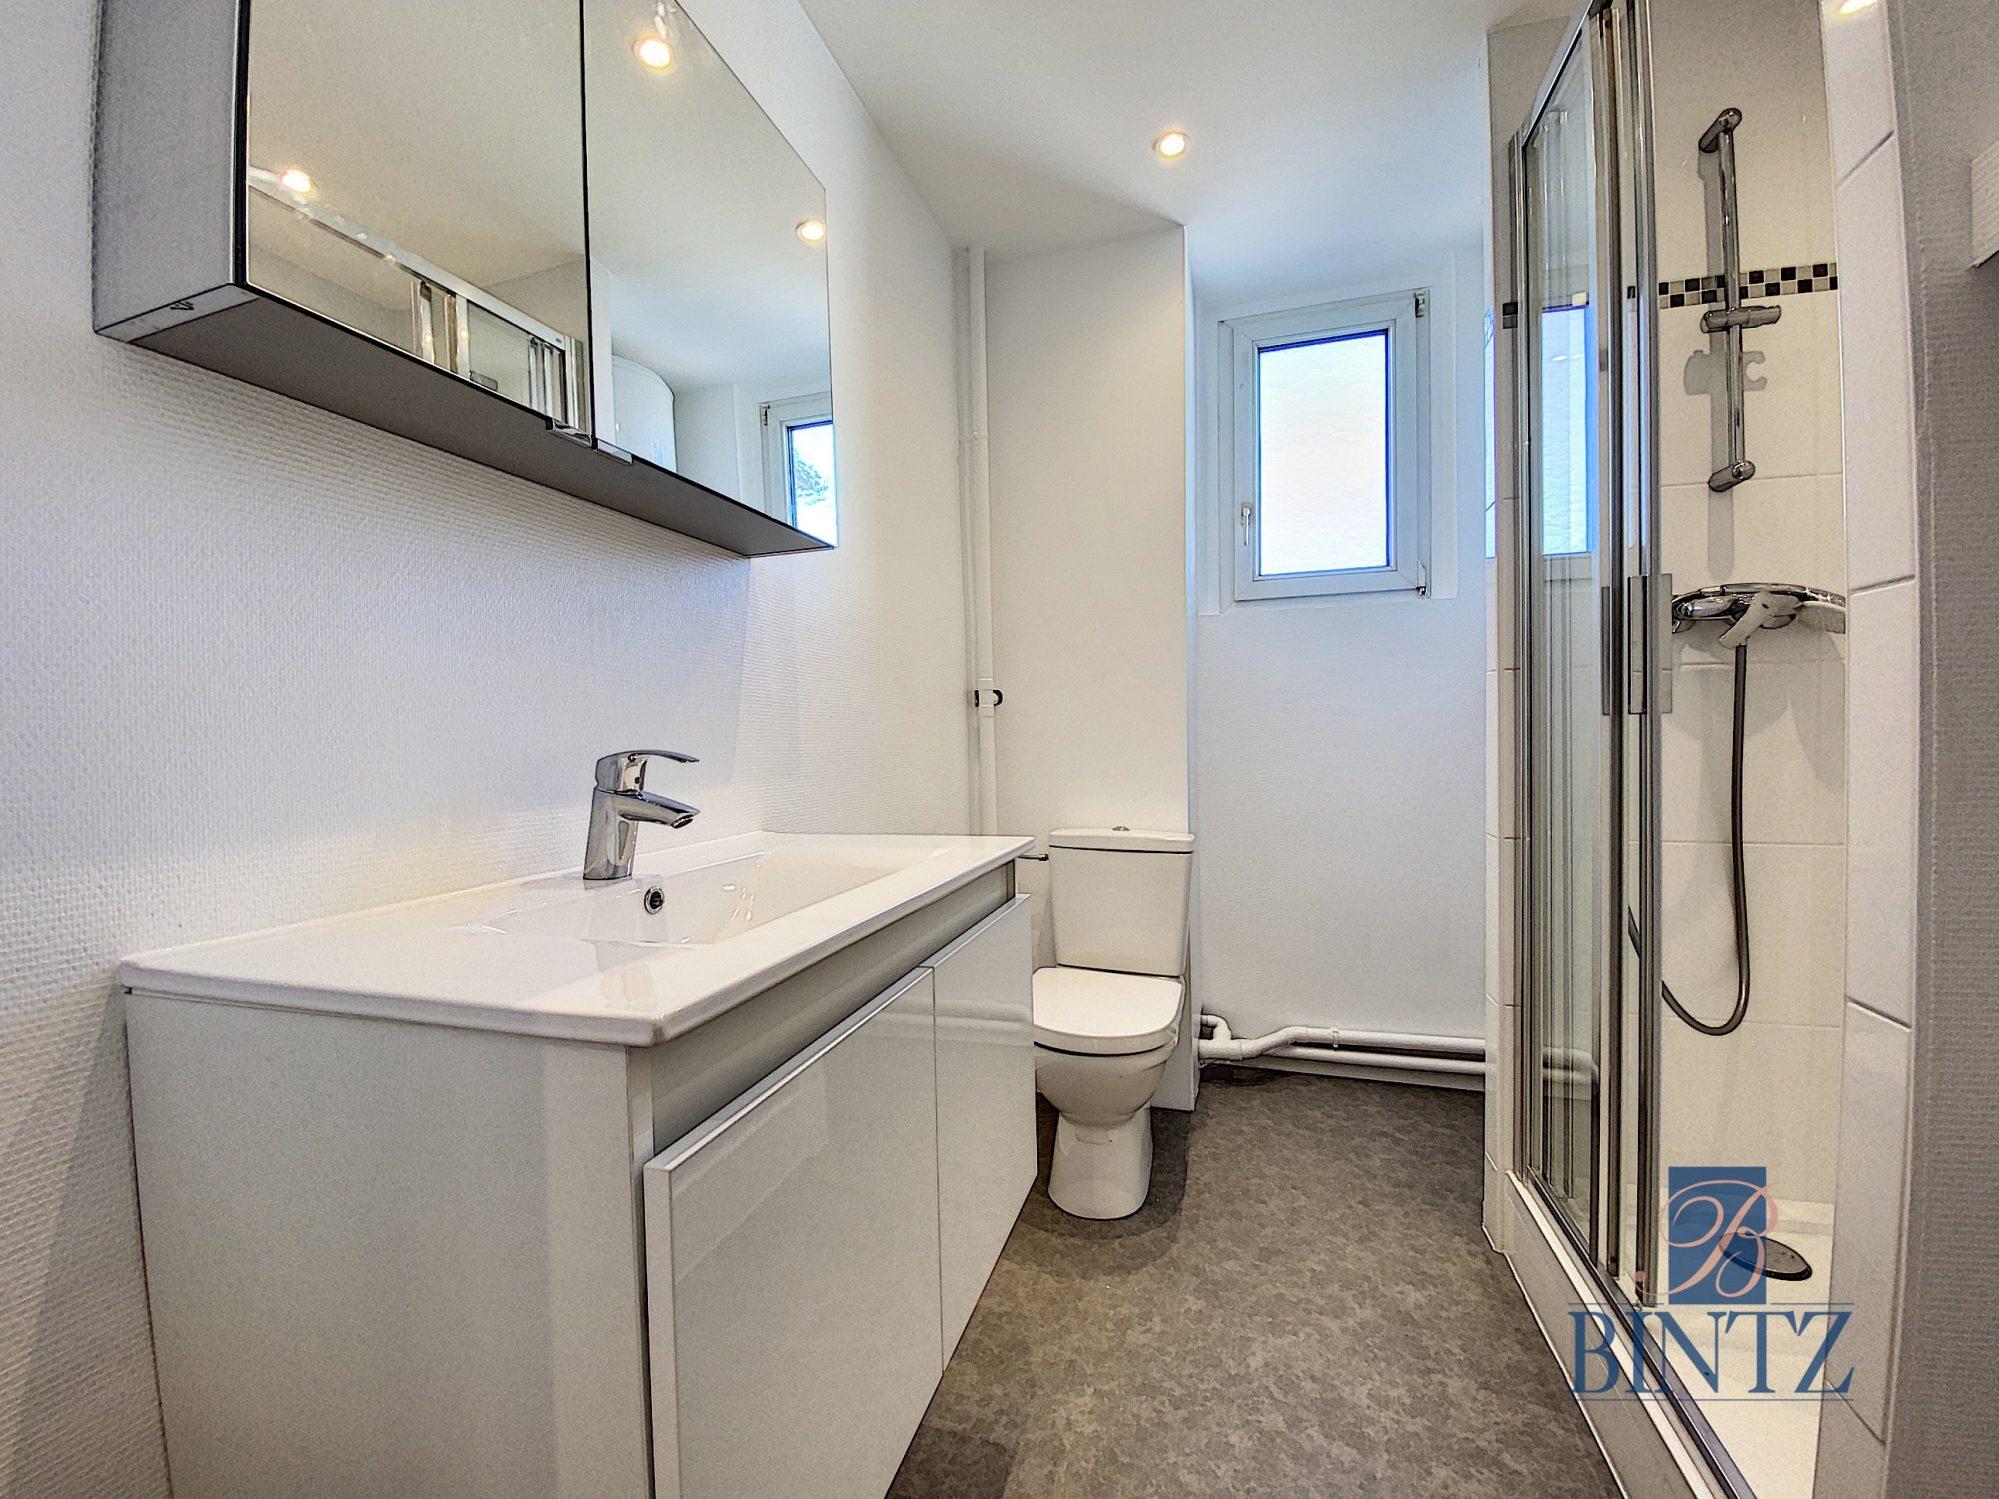 2 PIECES REFAIT A NEUF - Devenez locataire en toute sérénité - Bintz Immobilier - 6